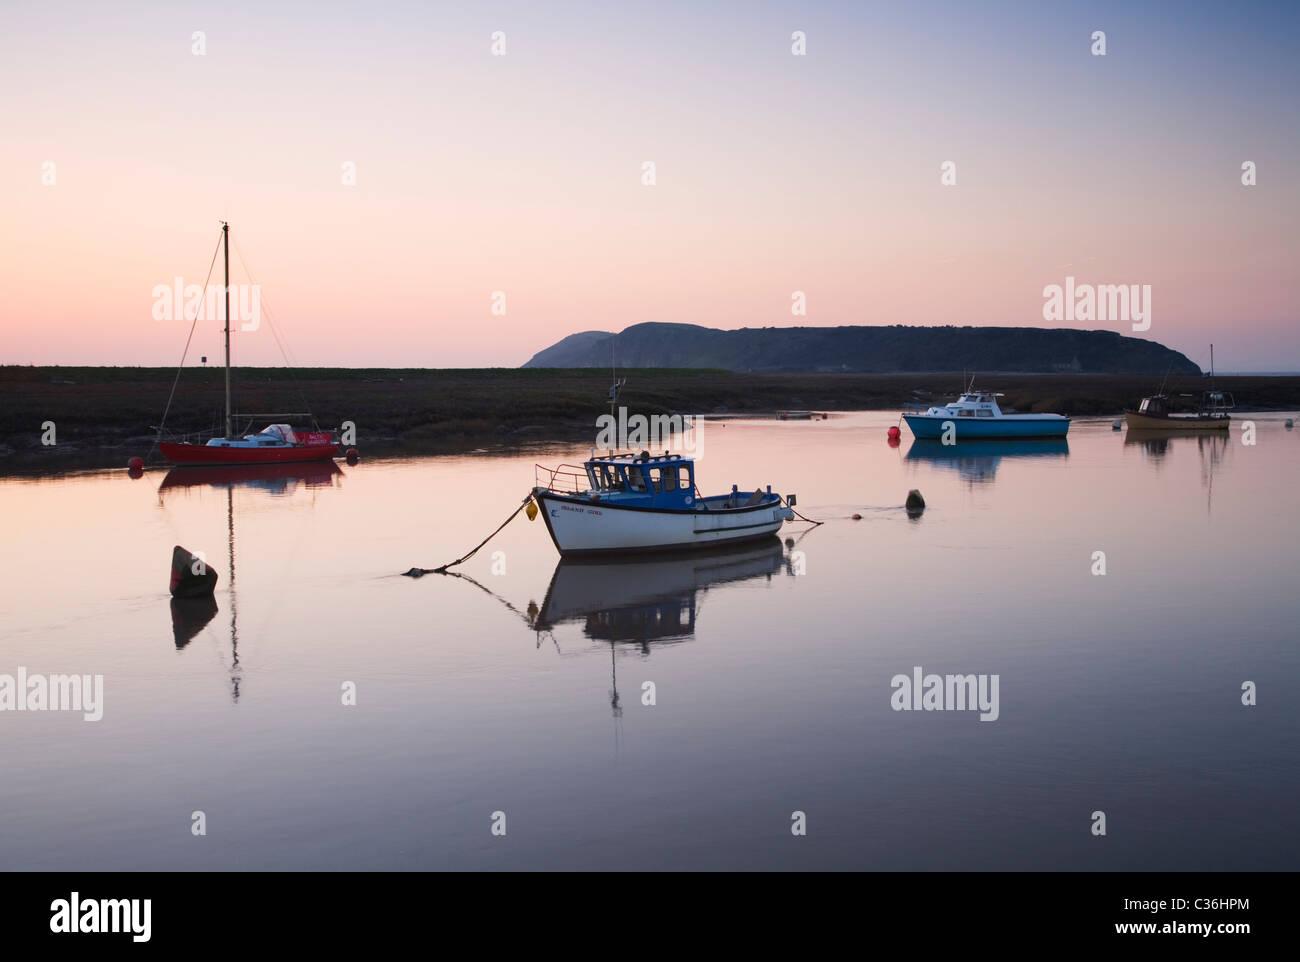 Barche ormeggiate sul fiume Ax con Brean giù nella distanza. Somerset. In Inghilterra. Regno Unito. Immagini Stock